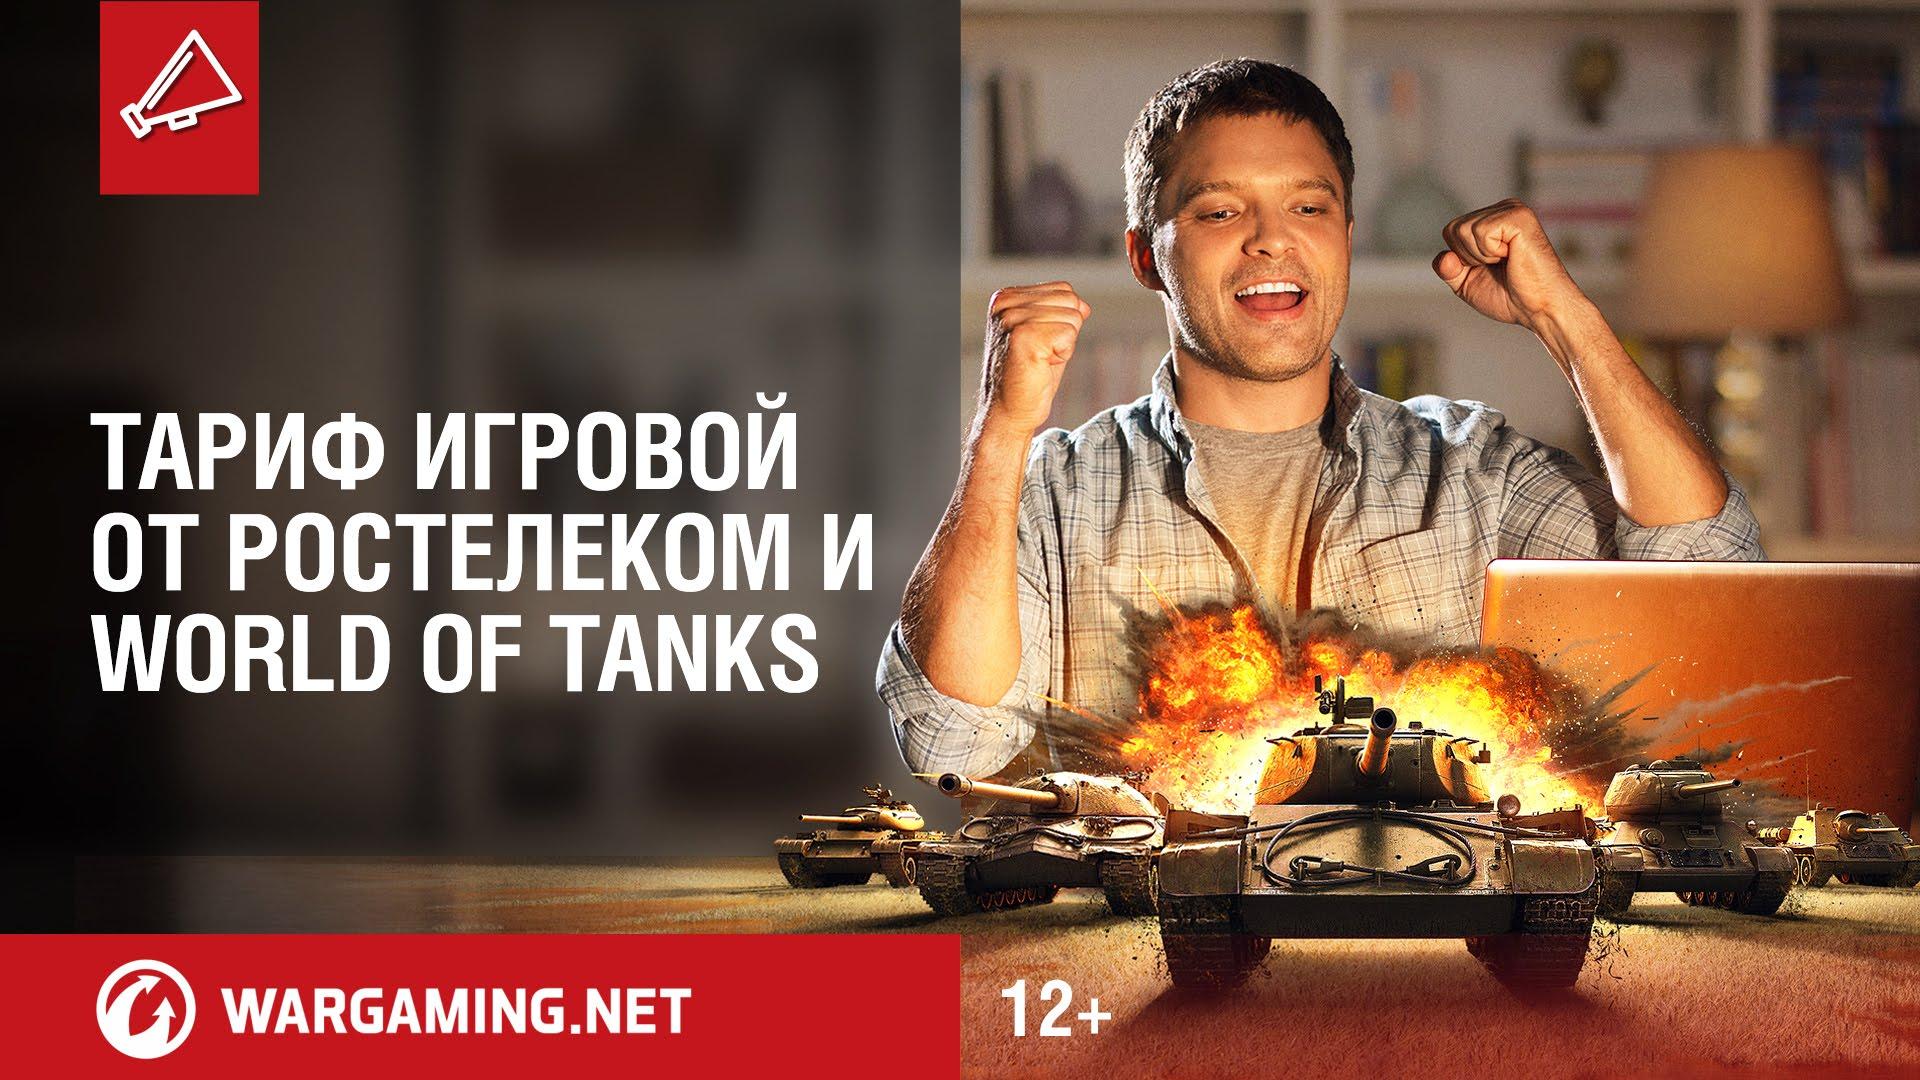 Ростелеком тариф Игровой World of Tanks: премиум аккаунт